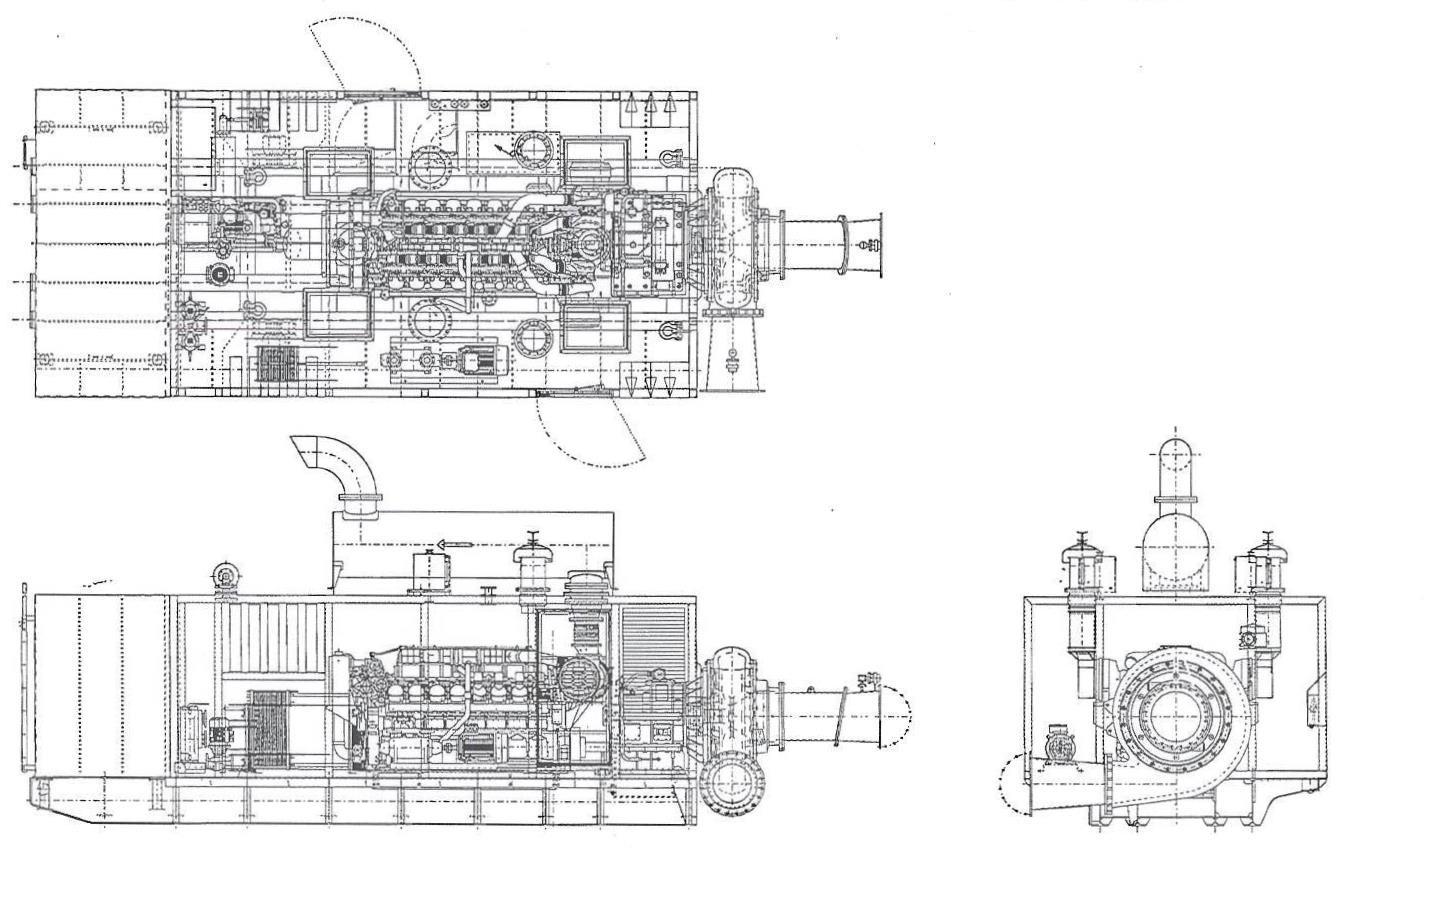 Booster pump unit